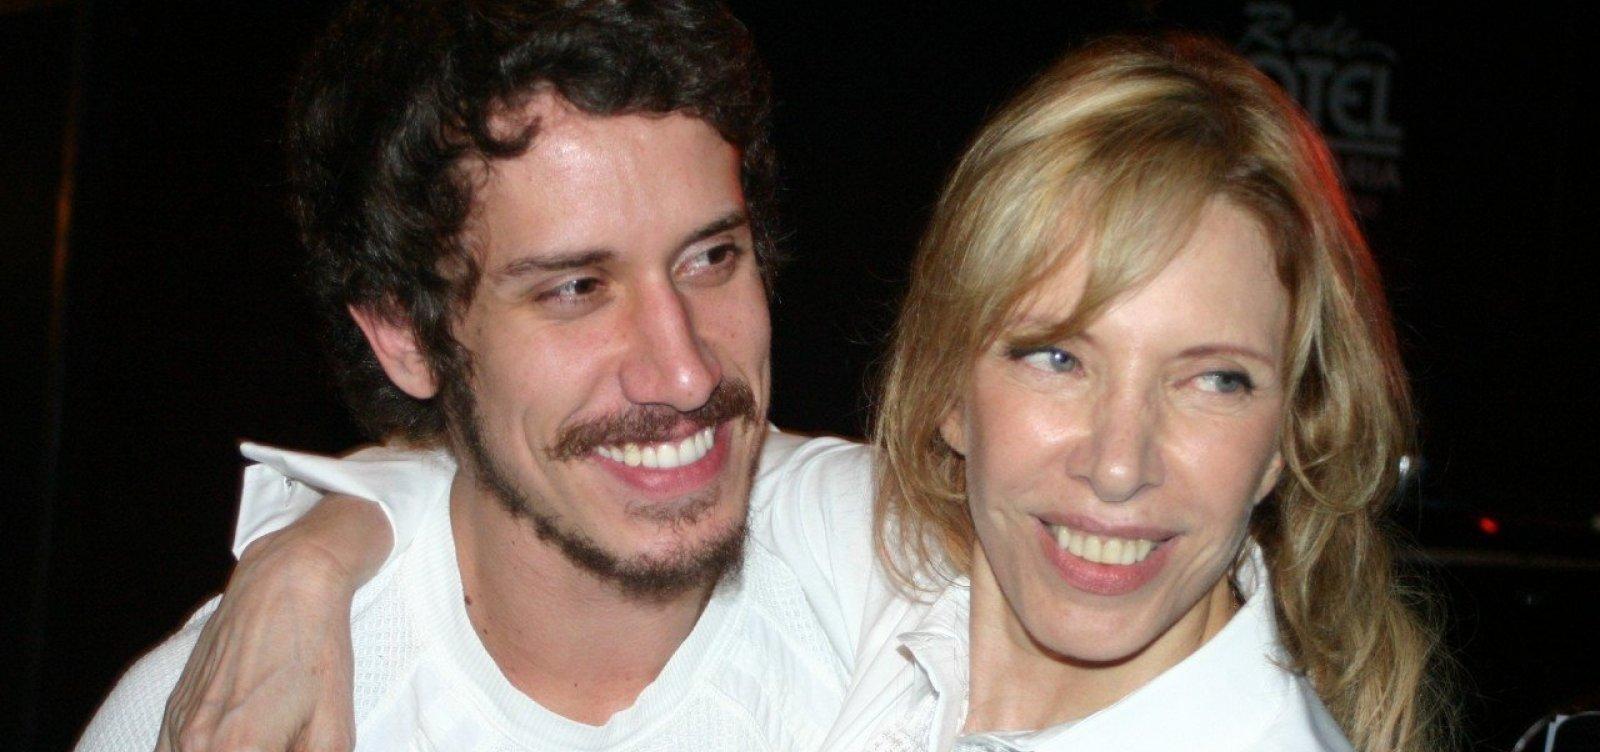 Filho de Marília Gabriela se manifesta sobre boatos de caso com Gianecchini: 'Jamais'